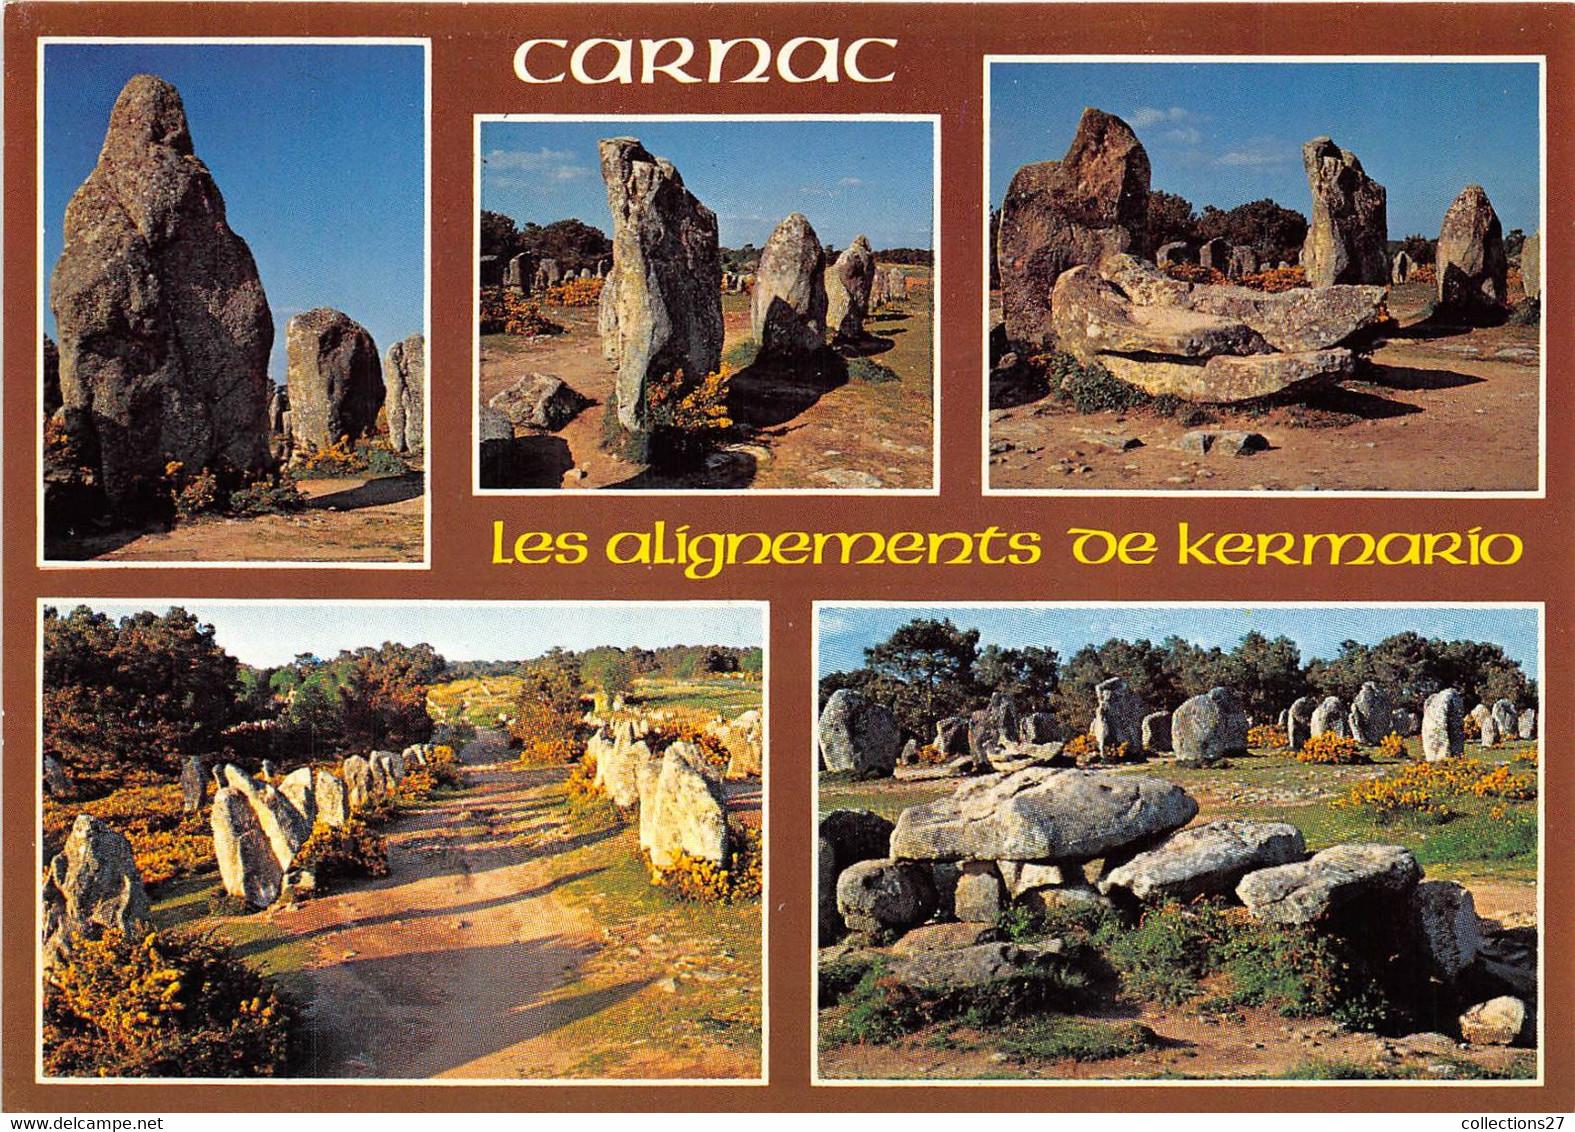 LOT DE 500 CARTES POSTALES MODERNE ET SEMI-MODERNE GRAND FORMAT- FRANCE- VILLAGES ET VILLES VOIR QUELQUE EXEMPLES - 500 Postcards Min.